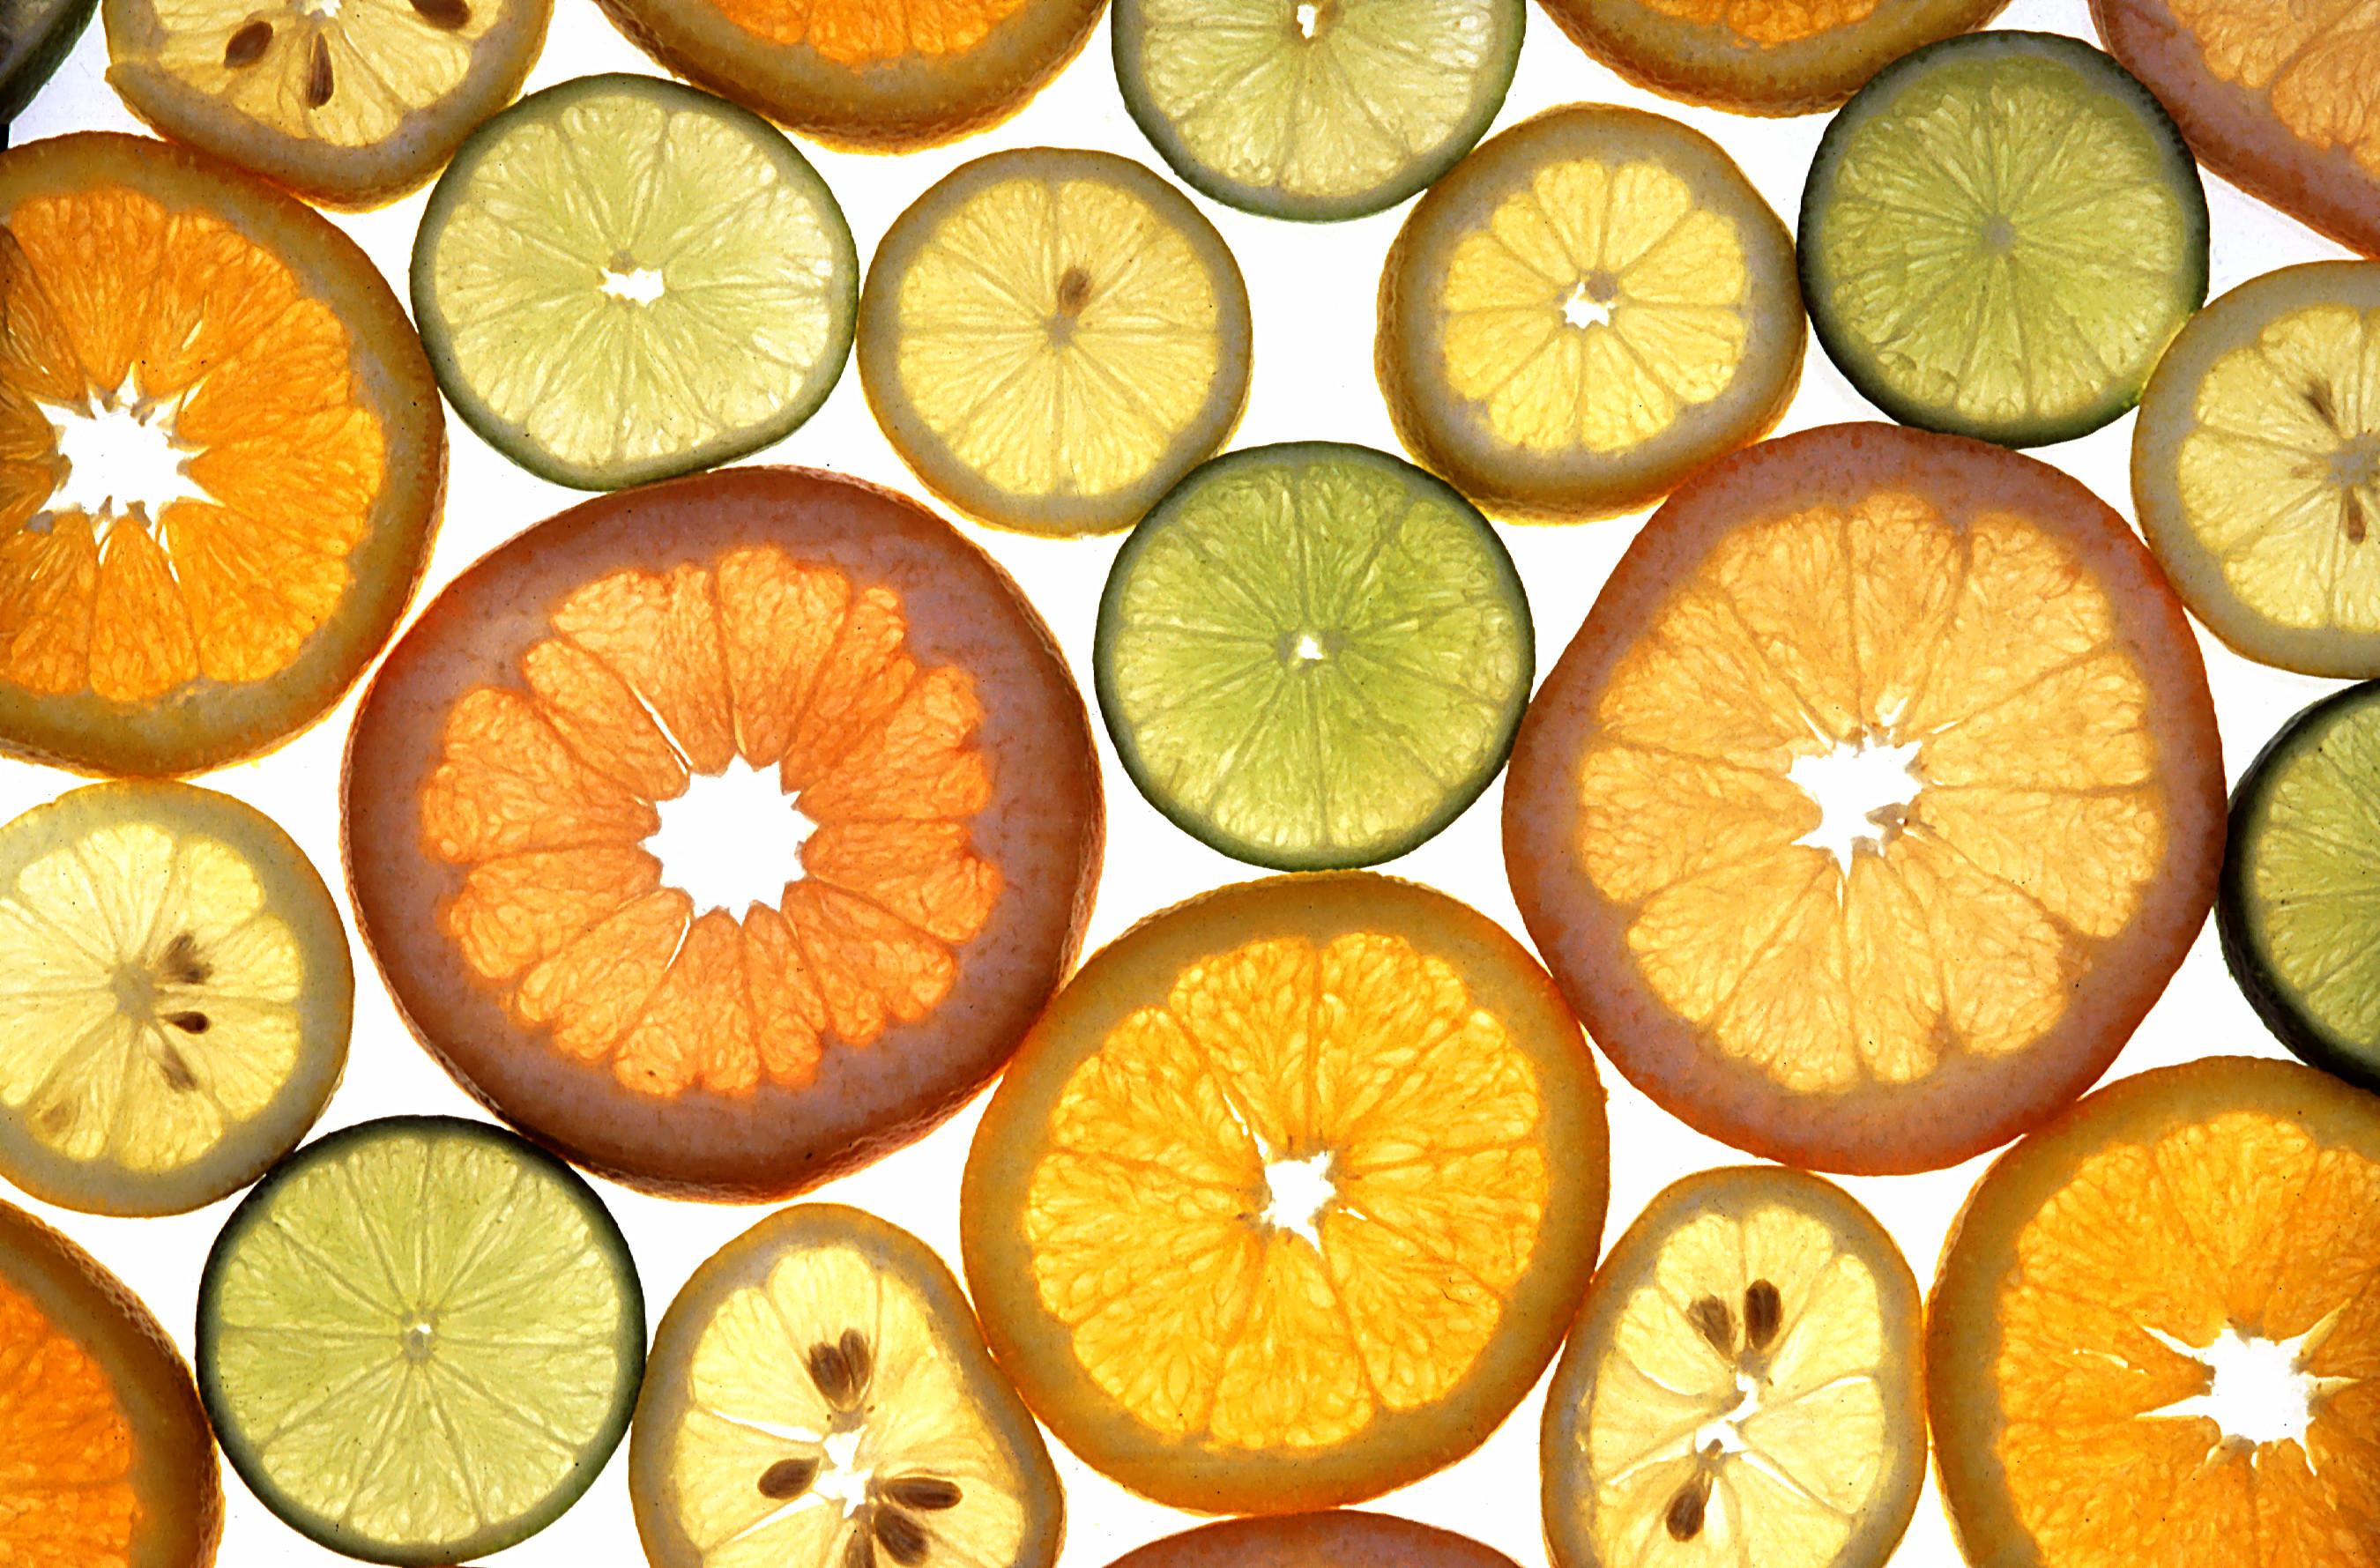 Les nouveaux agrumes : changez de fruits cet hiver !